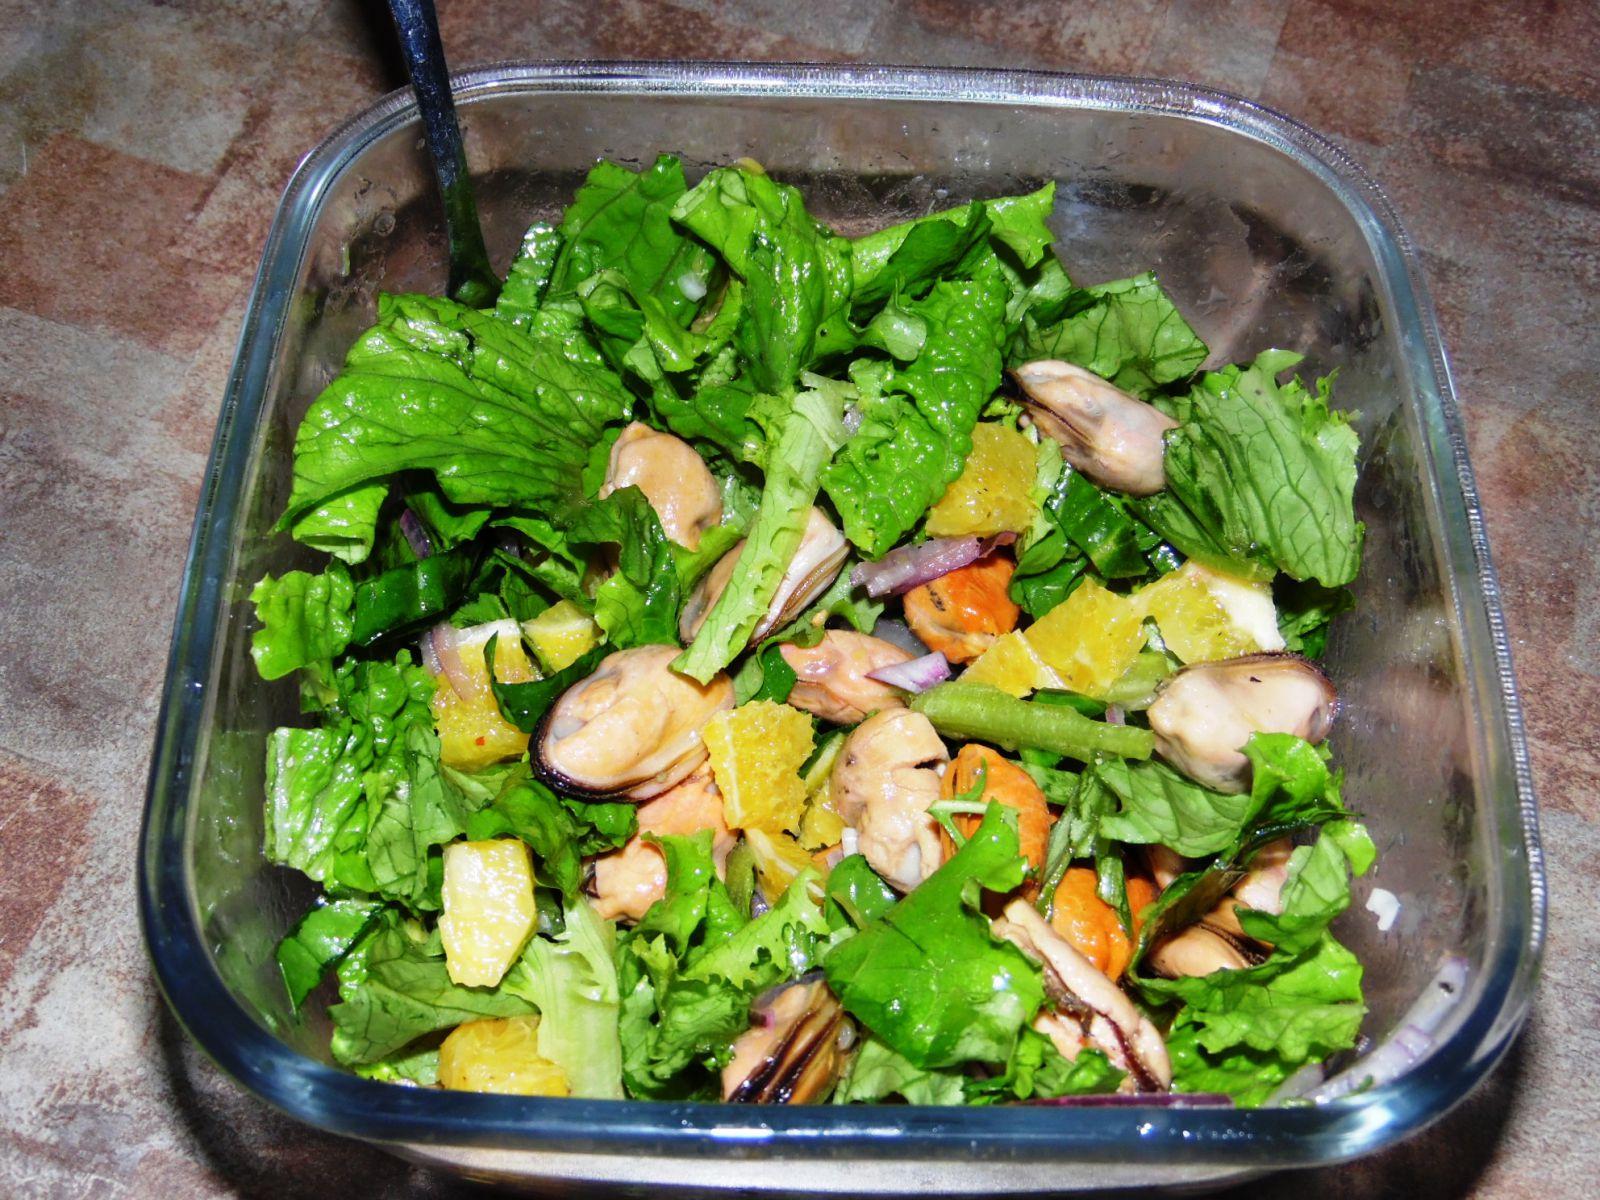 Салат с мидиями самый вкусный: рецепты, способ приготовления и отзывы 1